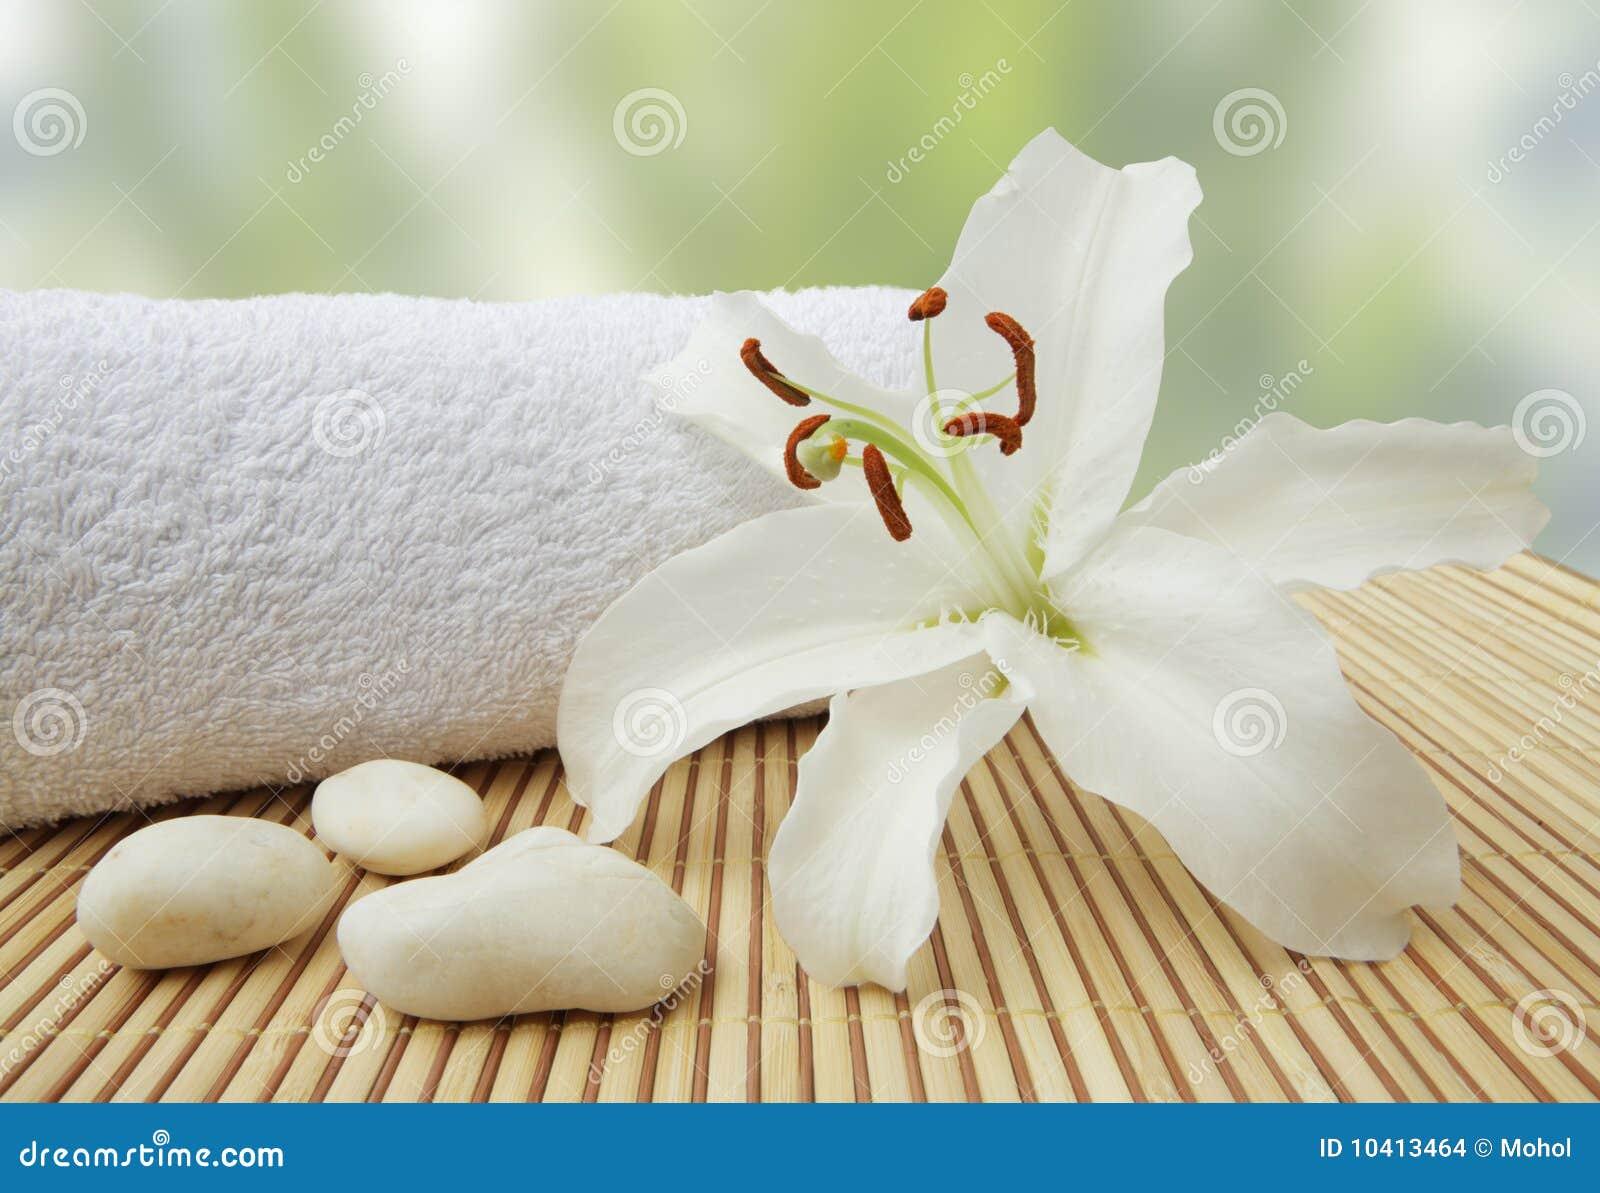 生活仍然百合小卵石健康白色